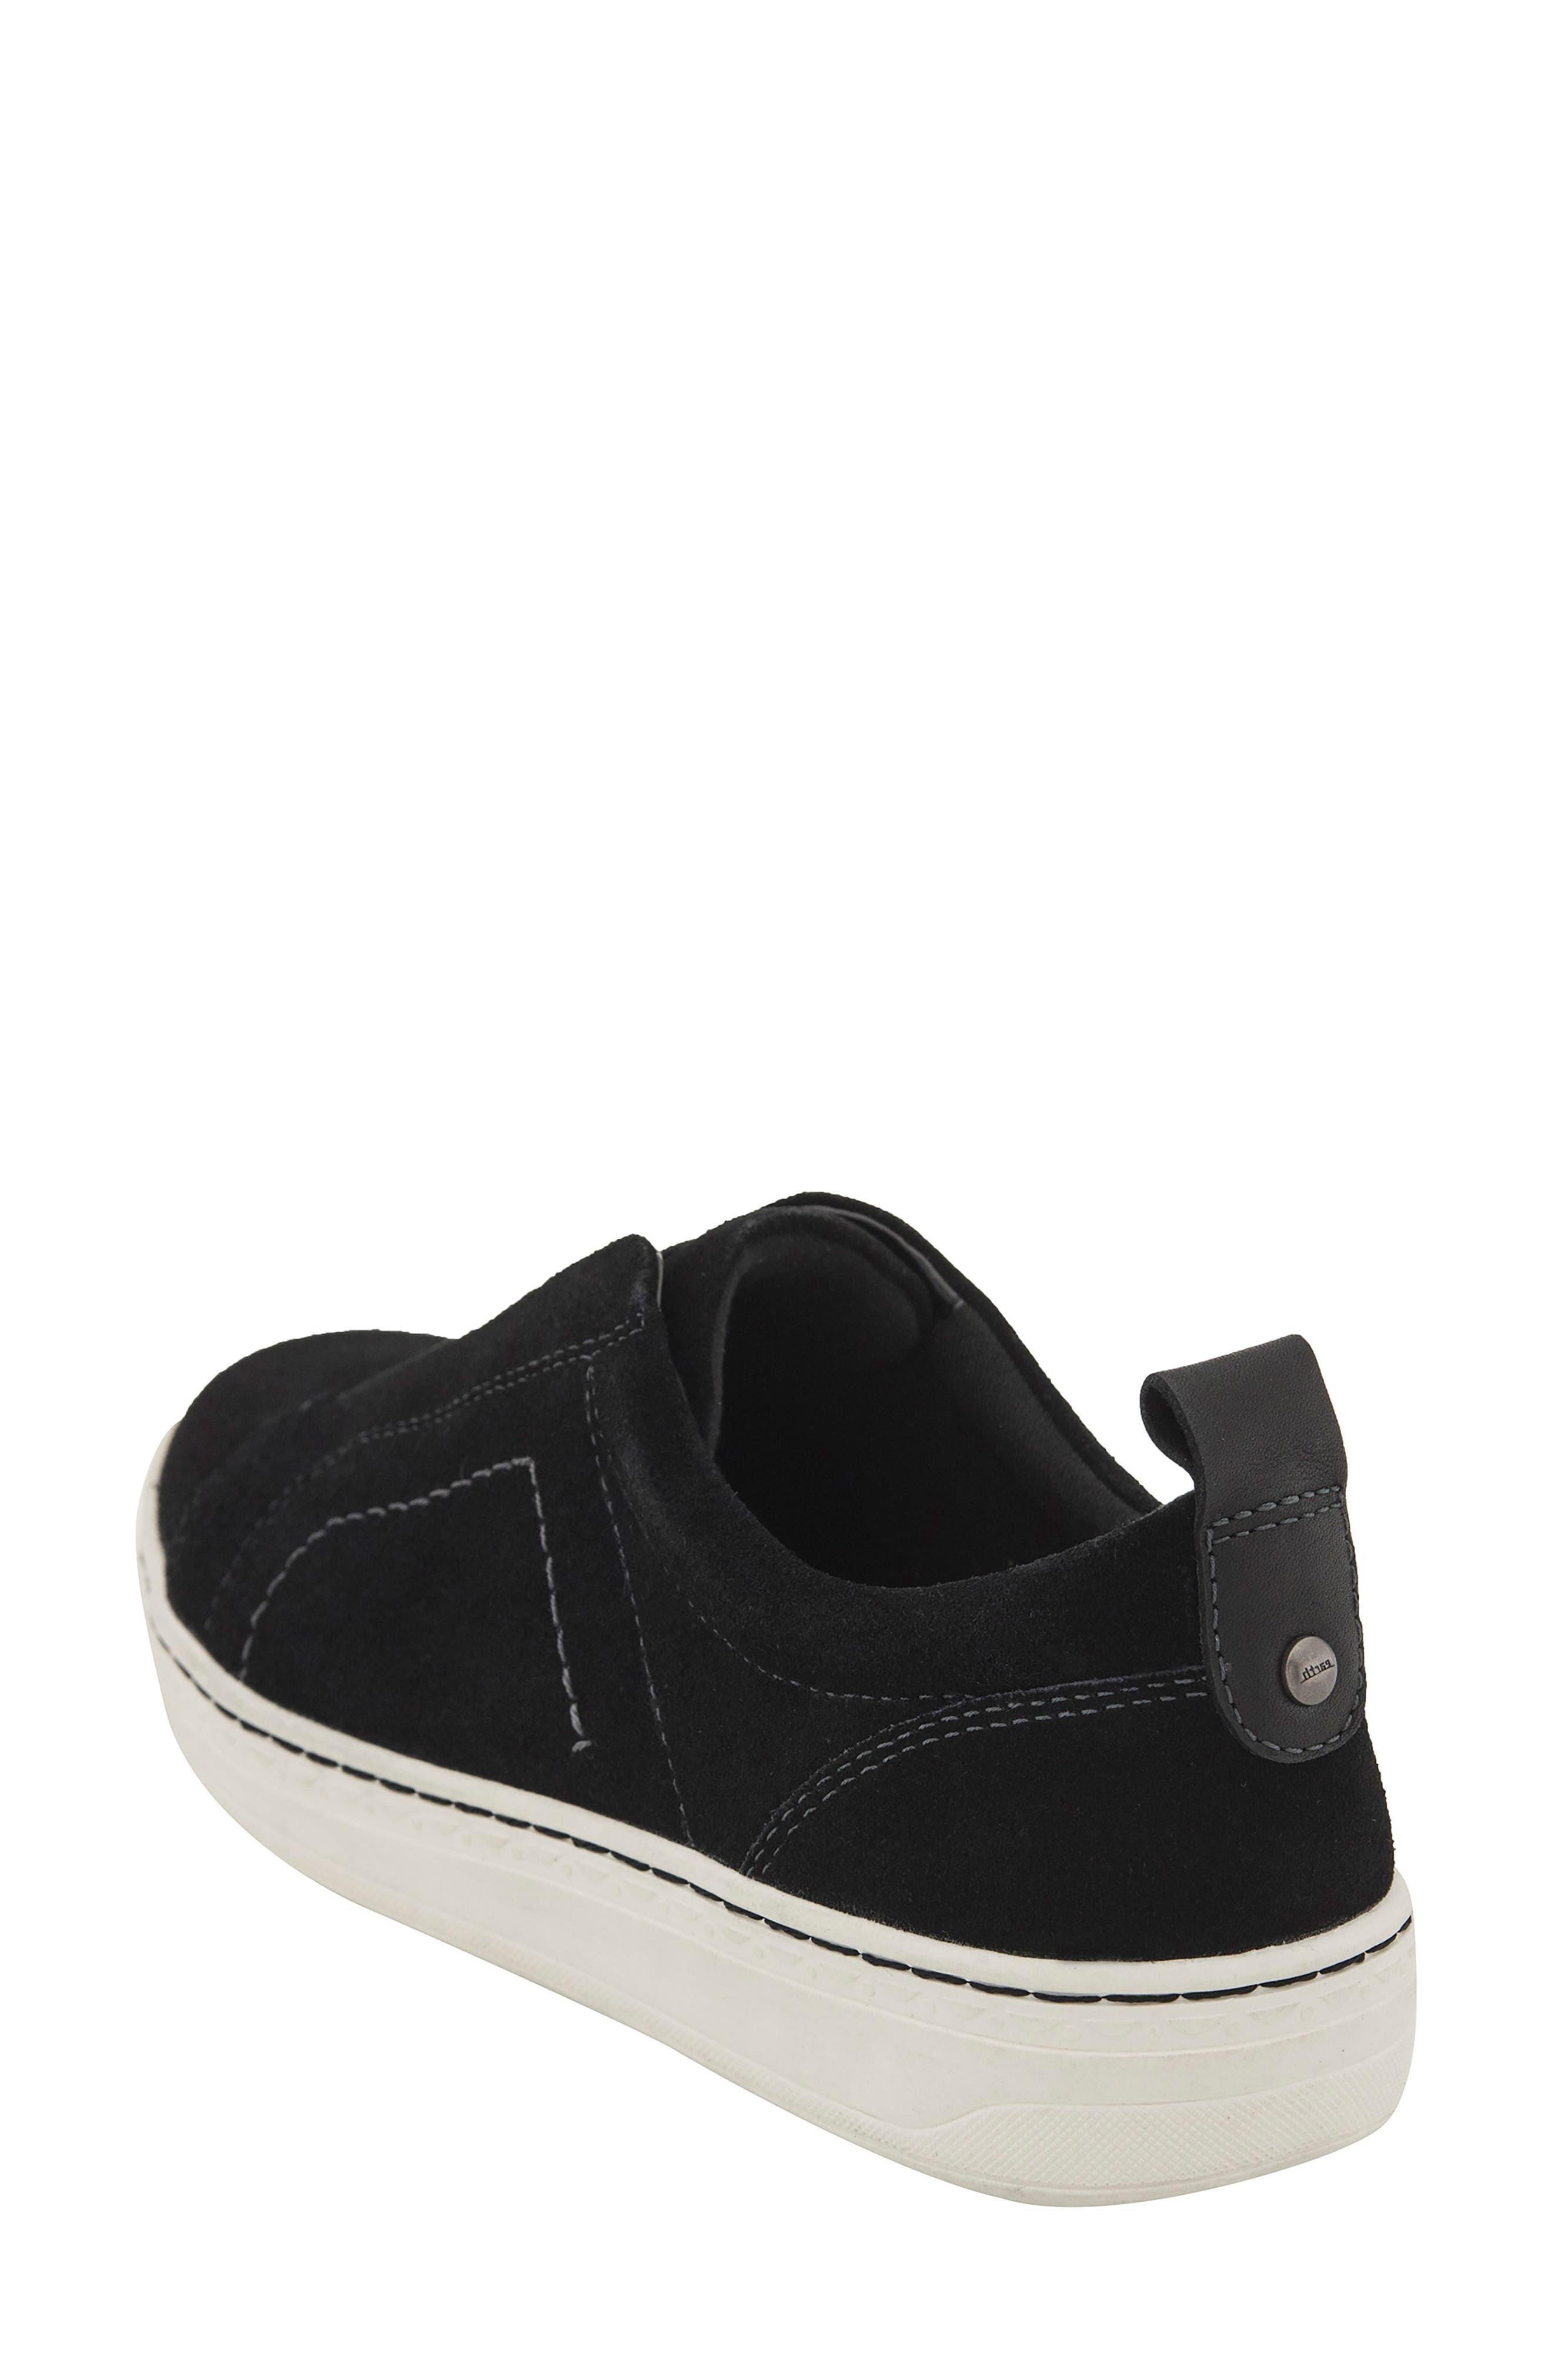 Zetta Slip-On Sneaker,                             Alternate thumbnail 2, color,                             003